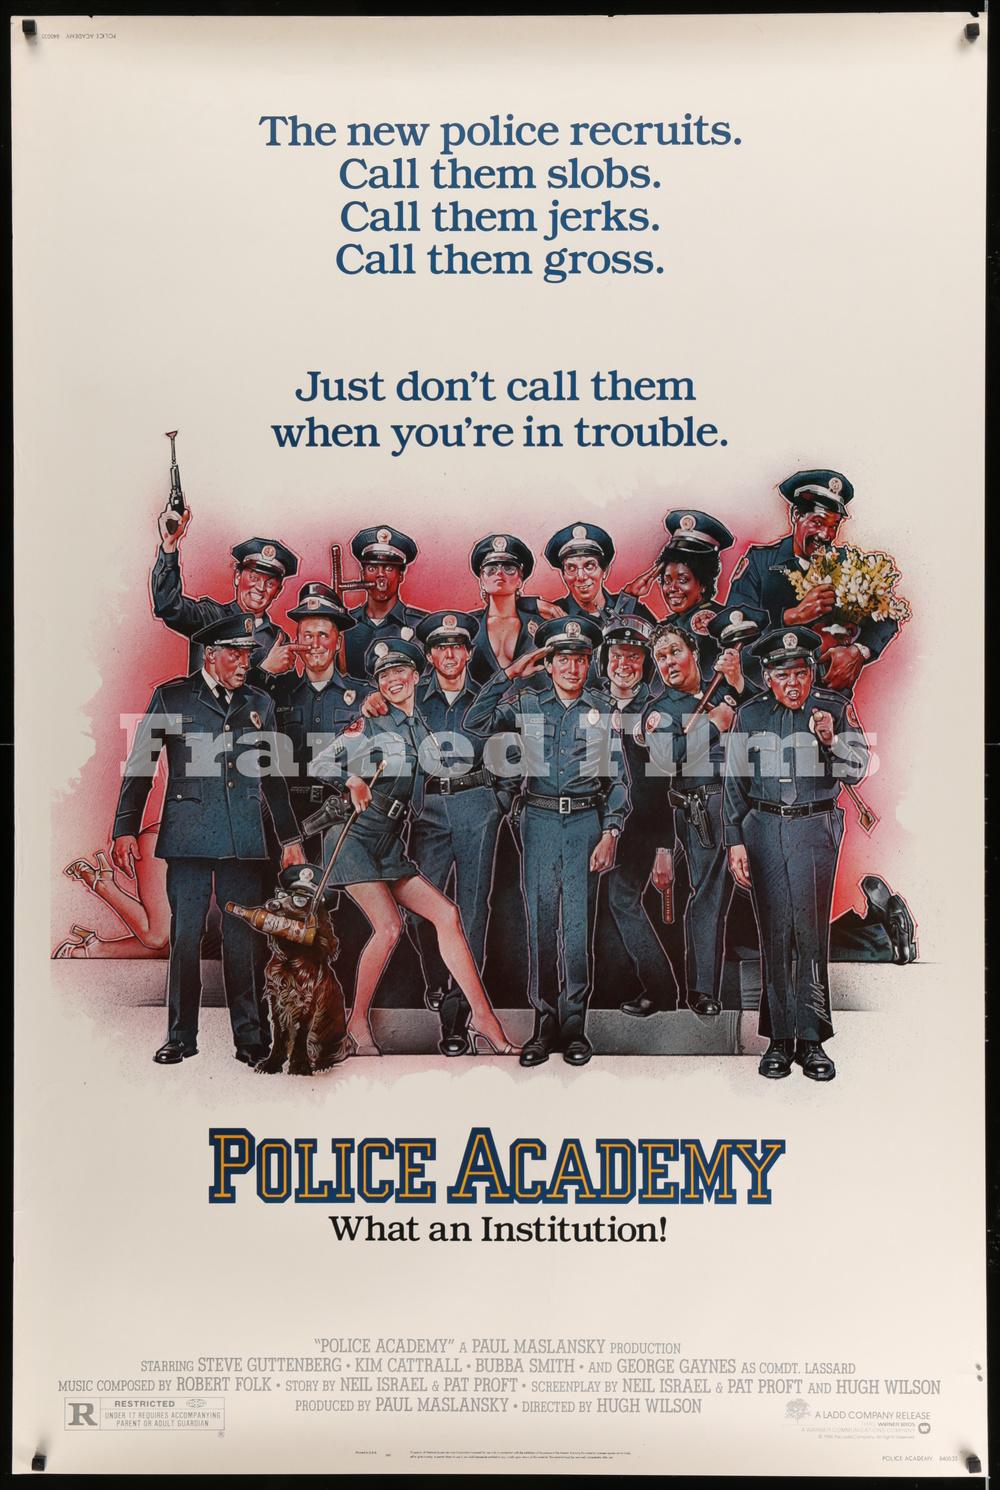 40x60_police_academy_SD03776_T.jpg